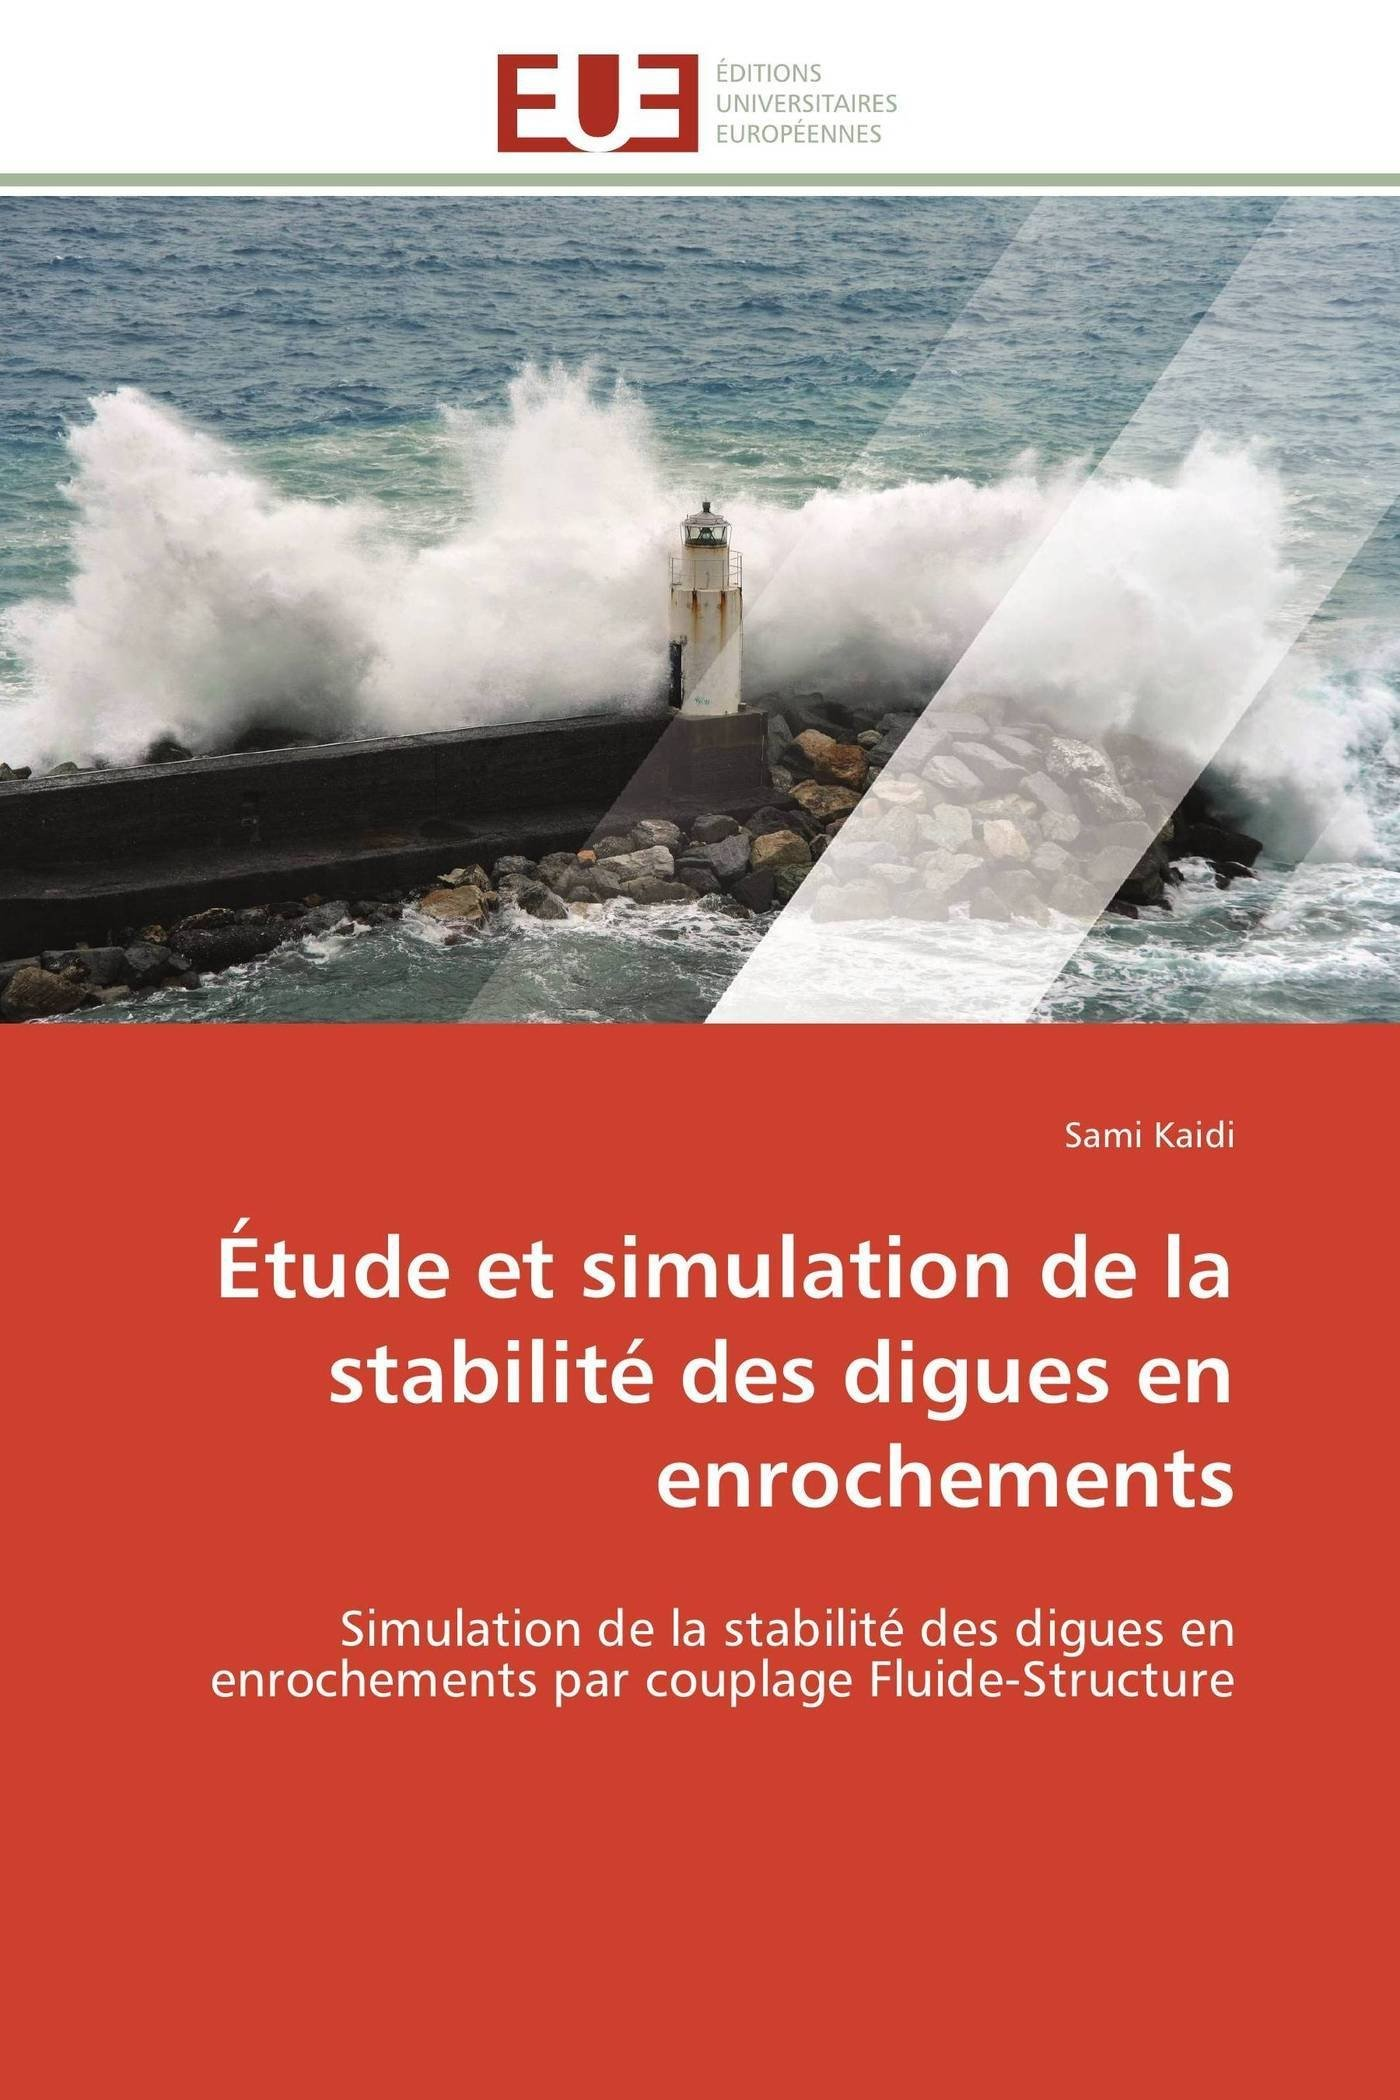 Étude et simulation de la stabilité des digues en enrochements